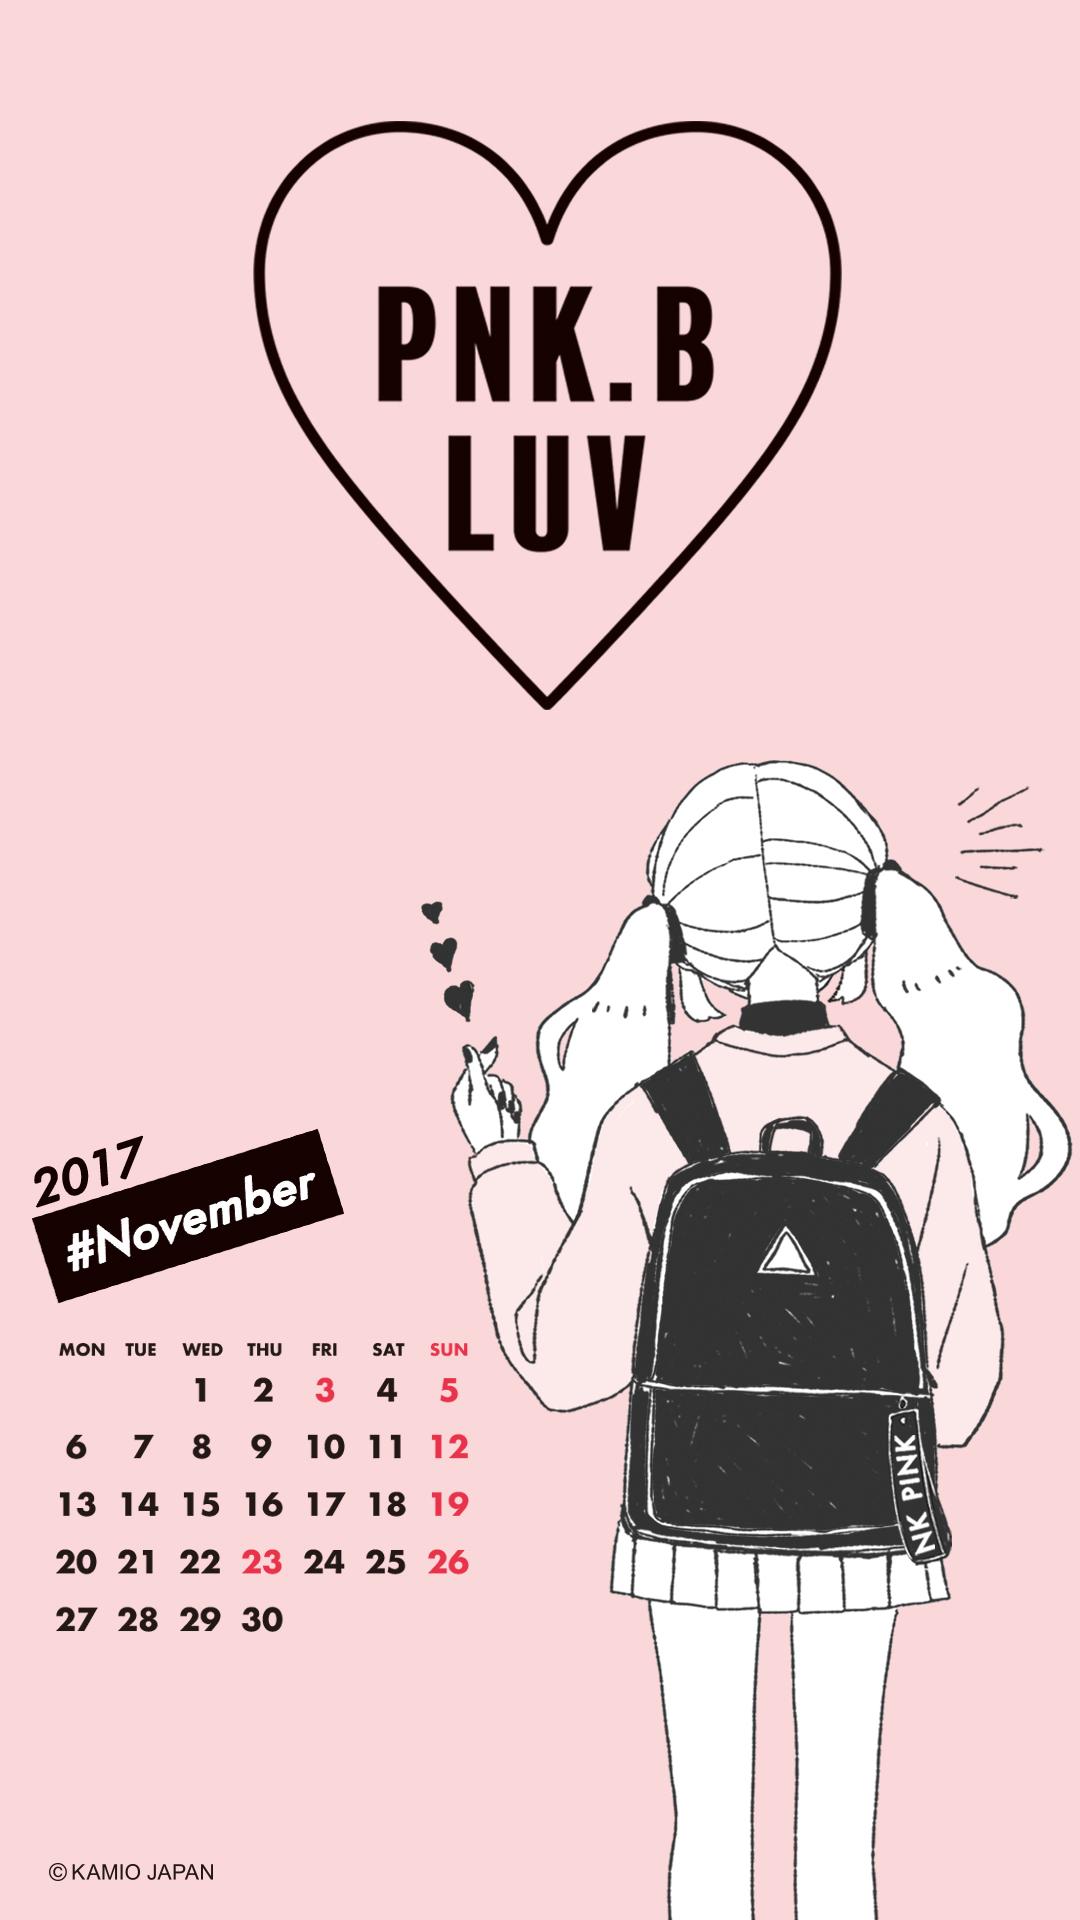 11月カレンダー壁紙プレゼント ニュース 株式会社カミオジャパン ファンシーグッズの企画 デザイン 製造 販売